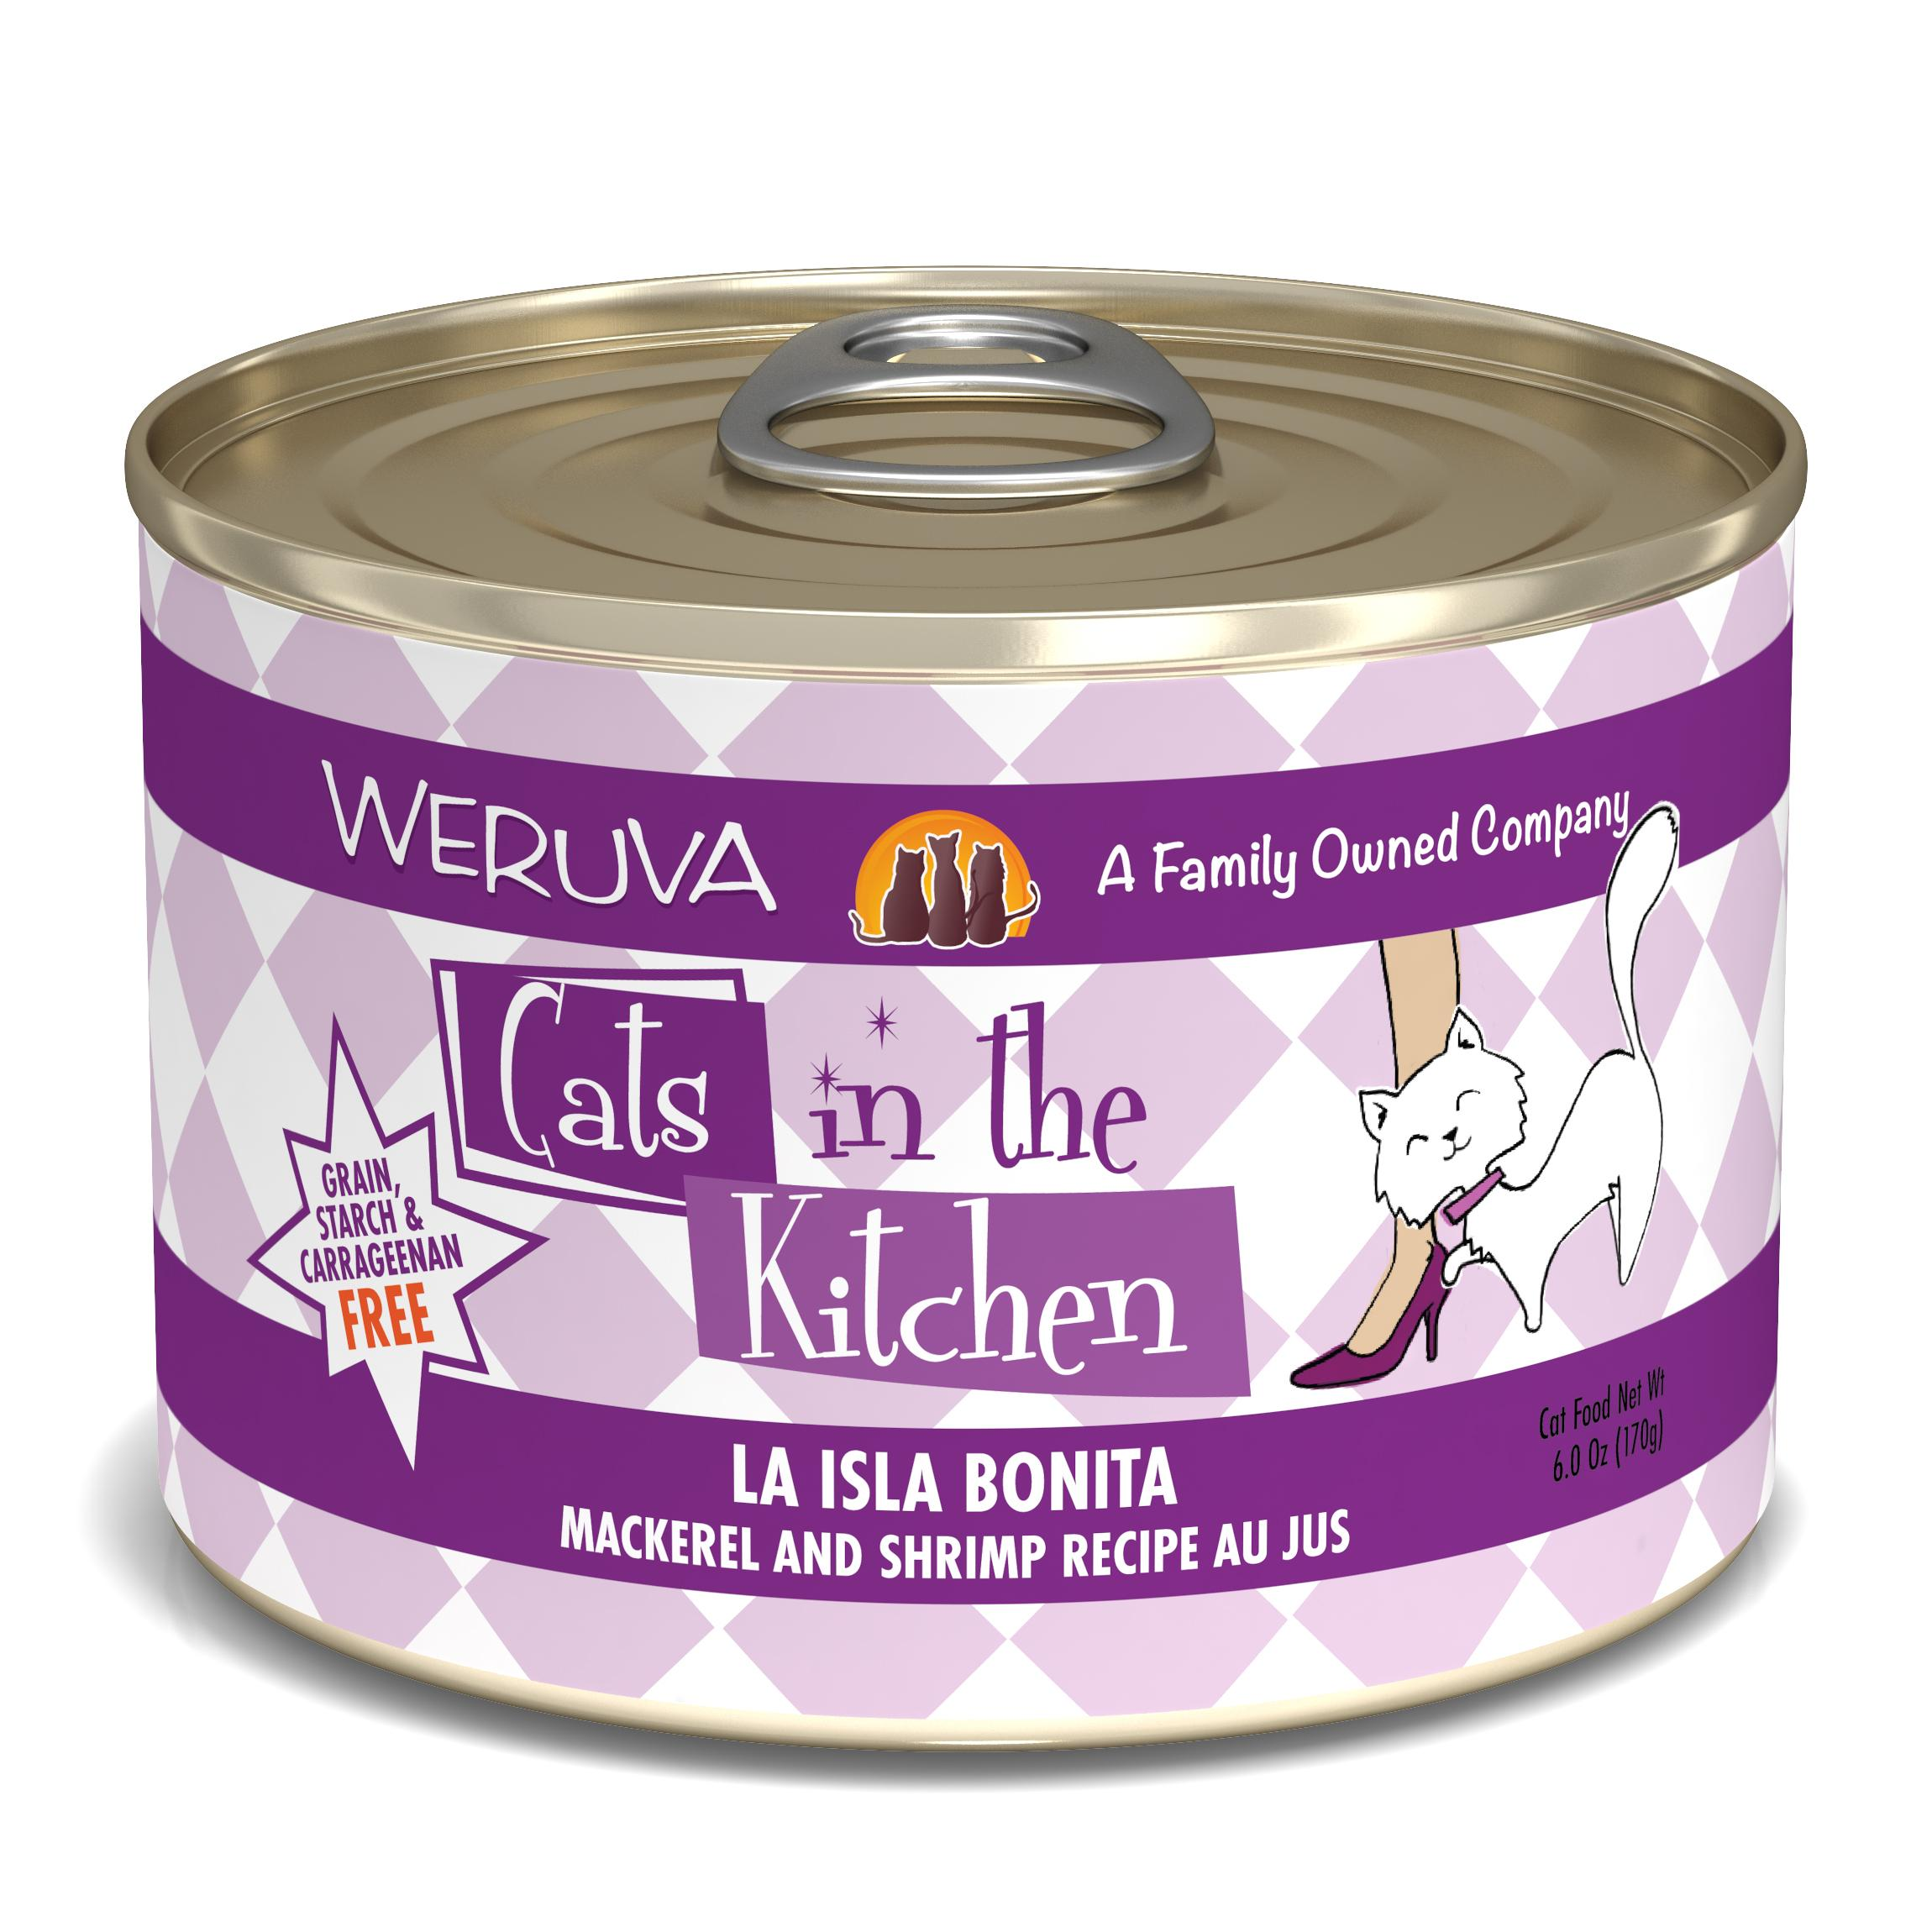 Weruva Cats in the Kitchen La Isla Bonita Mackerel & Shrimp Au Jus Grain-Free Wet Cat Food, 6-oz